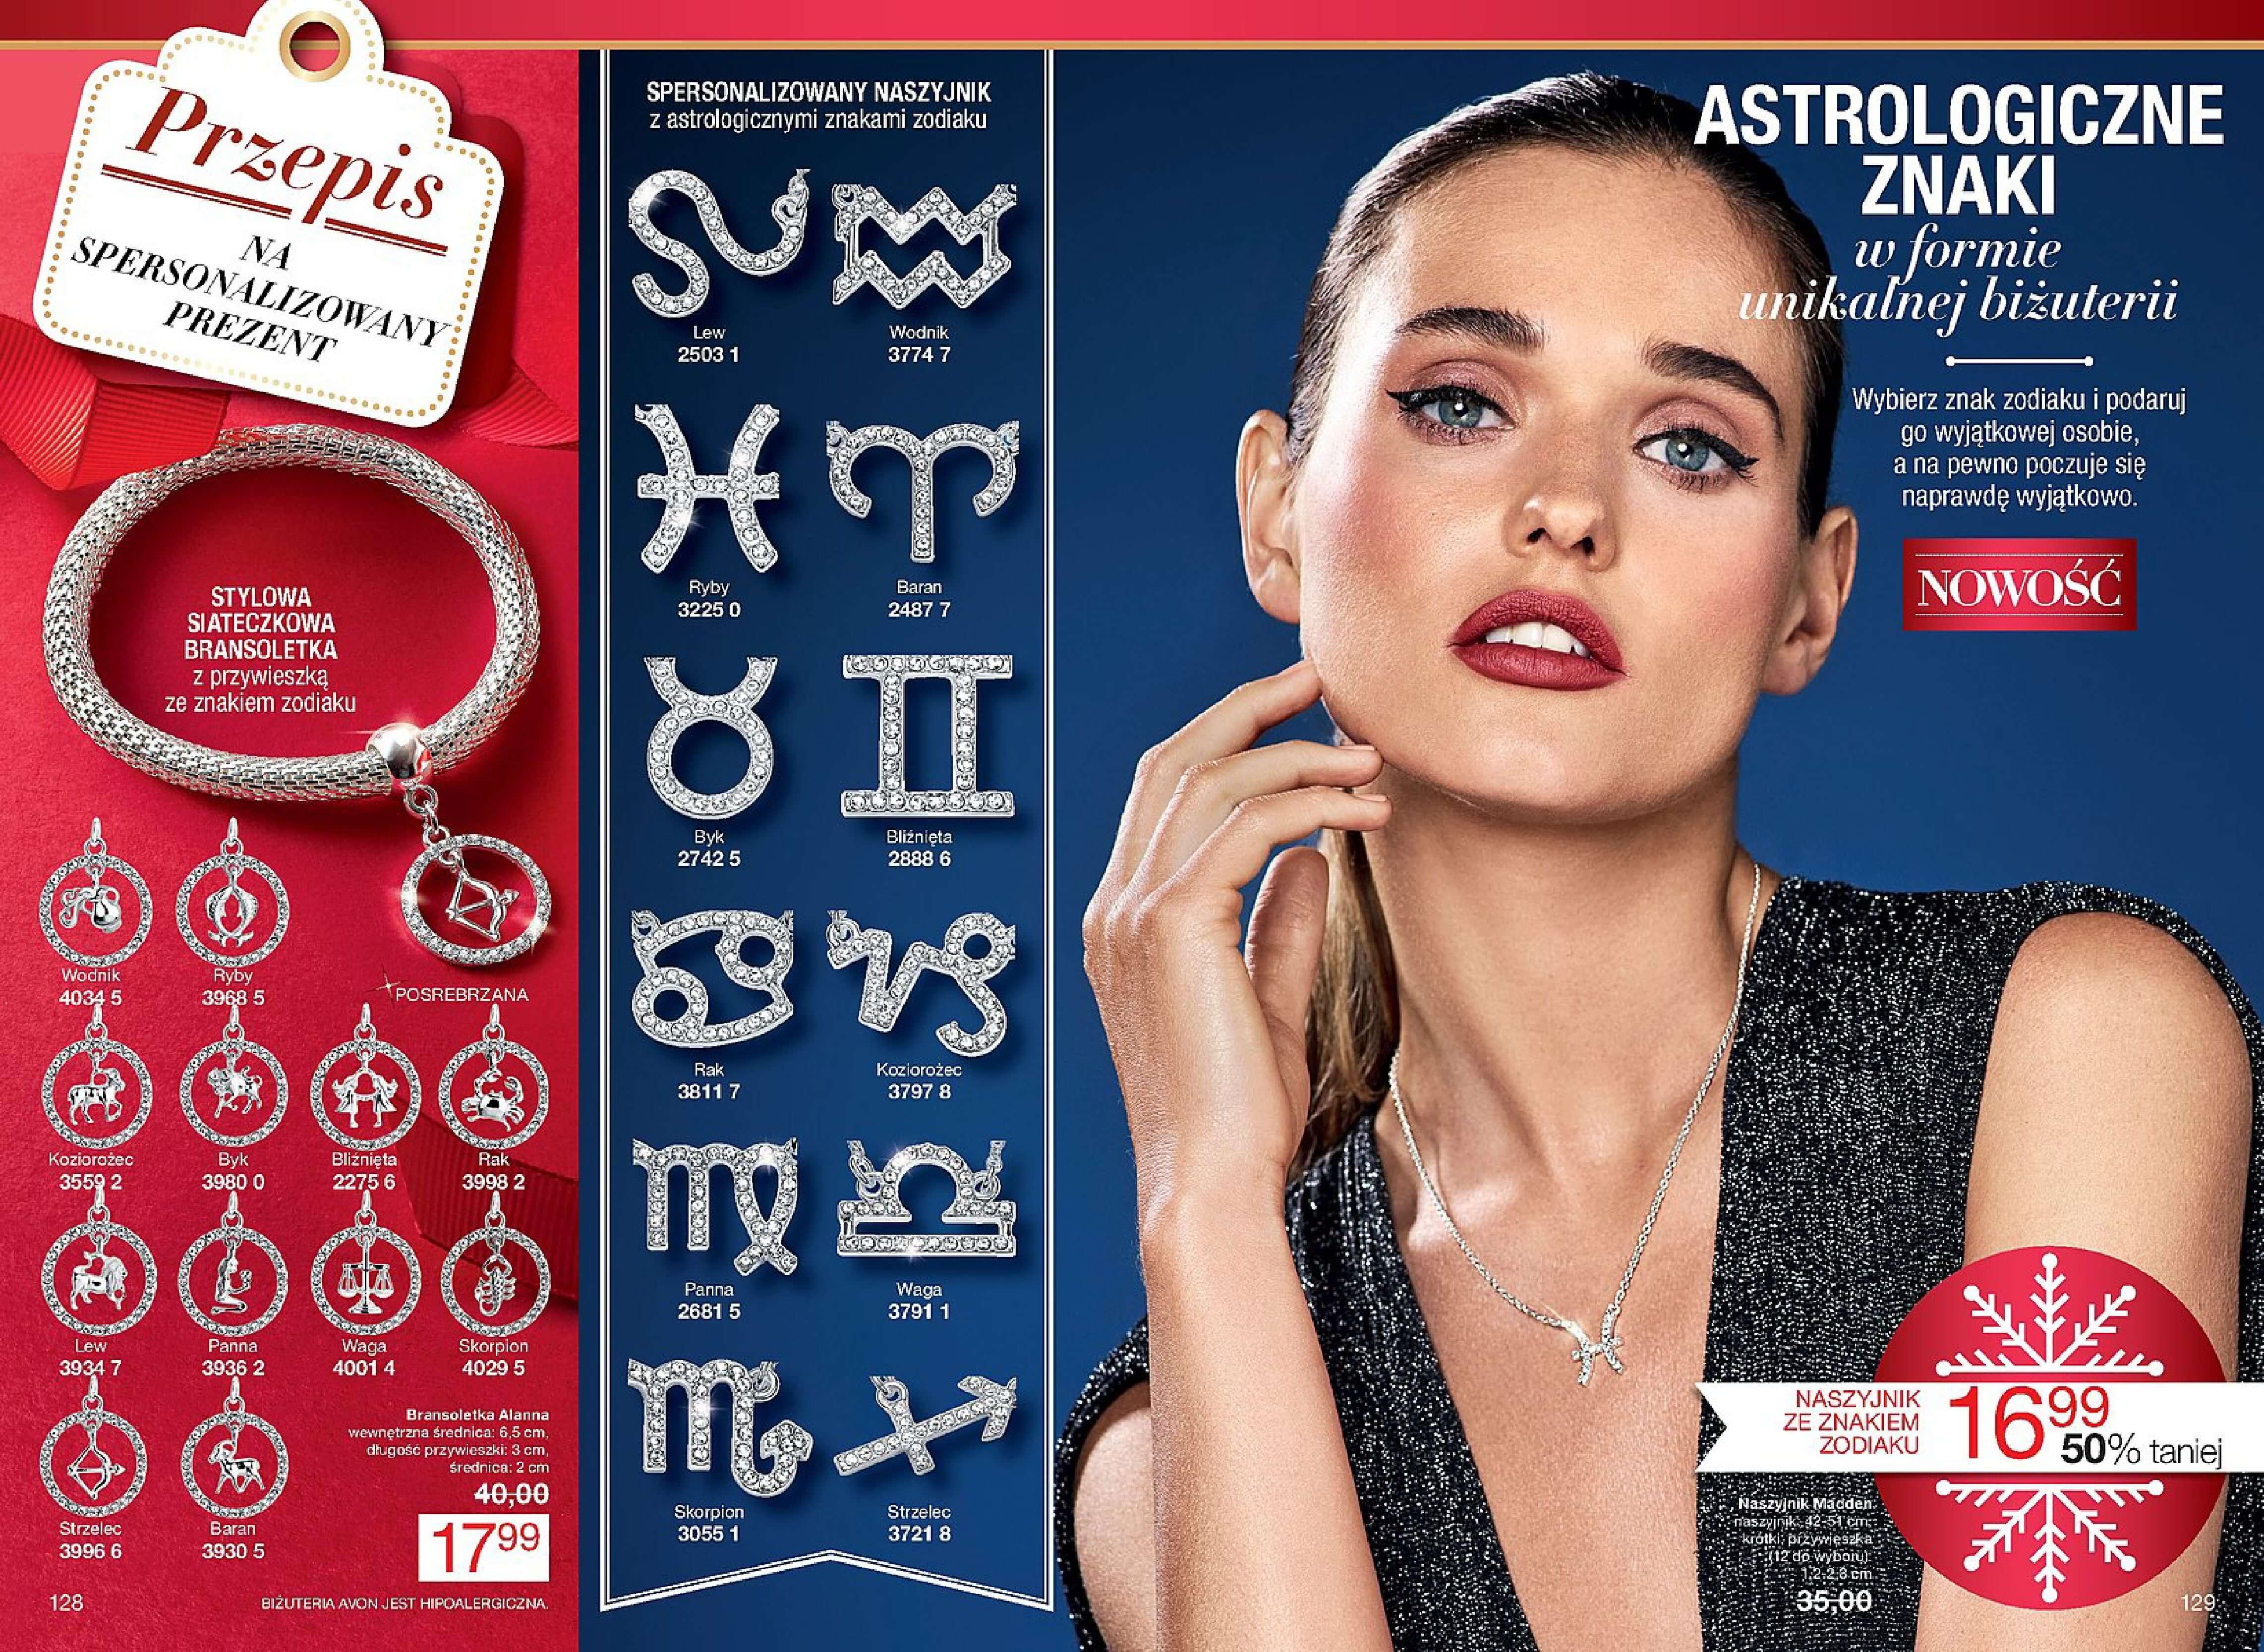 Gazetka Avon - Katalog 17/2017 Gwiazdka-29.11.2017-27.12.2017-page-65